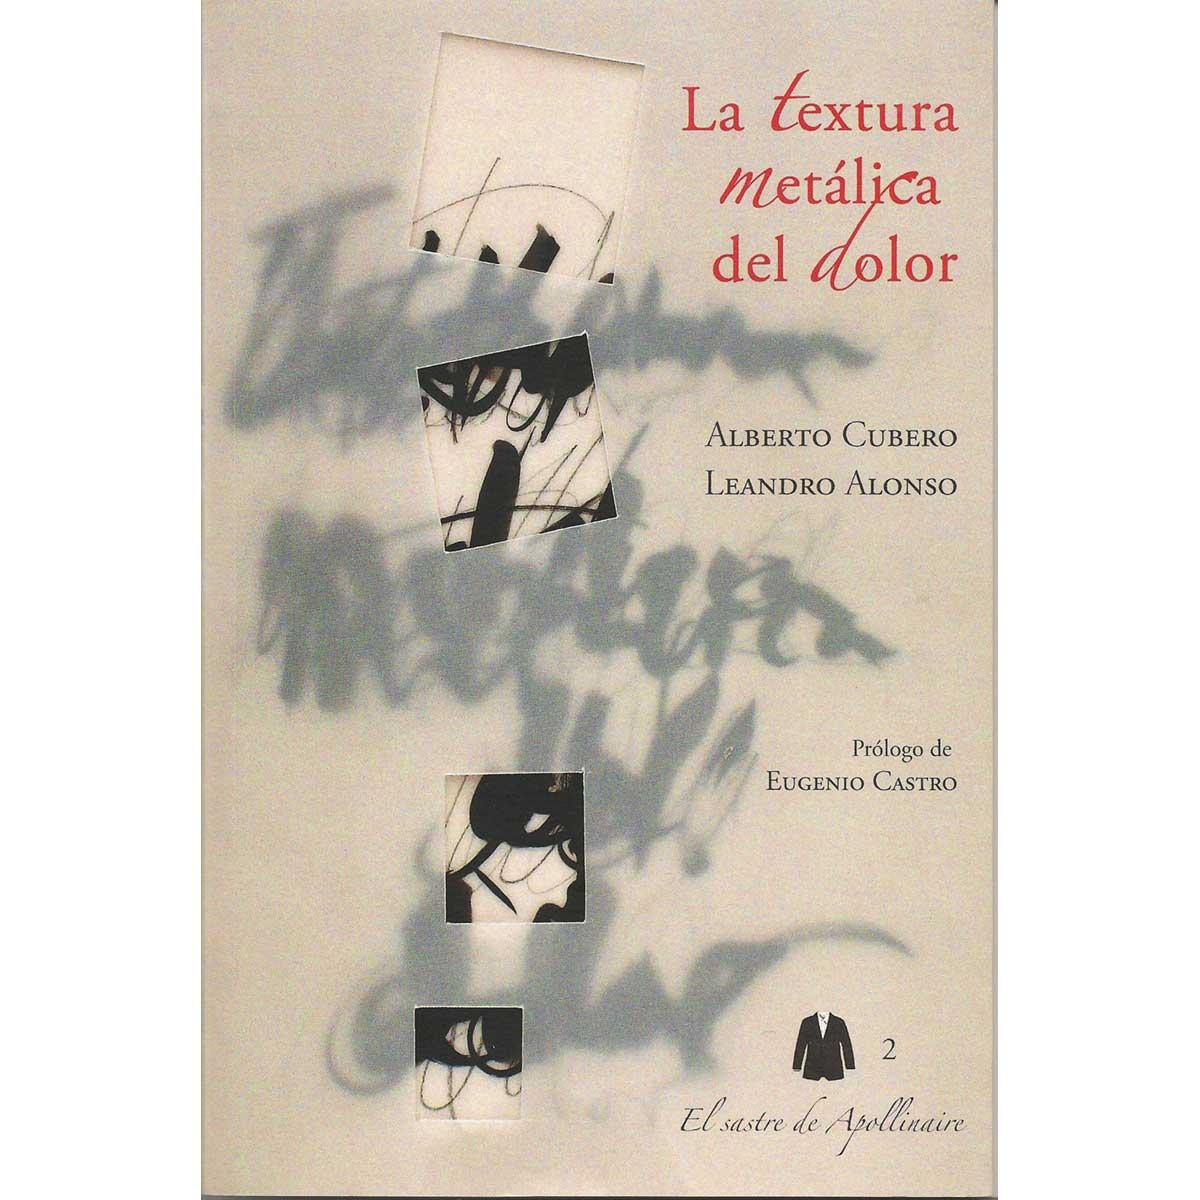 ALBERTO CUBERO - La metálica textura del dolor.